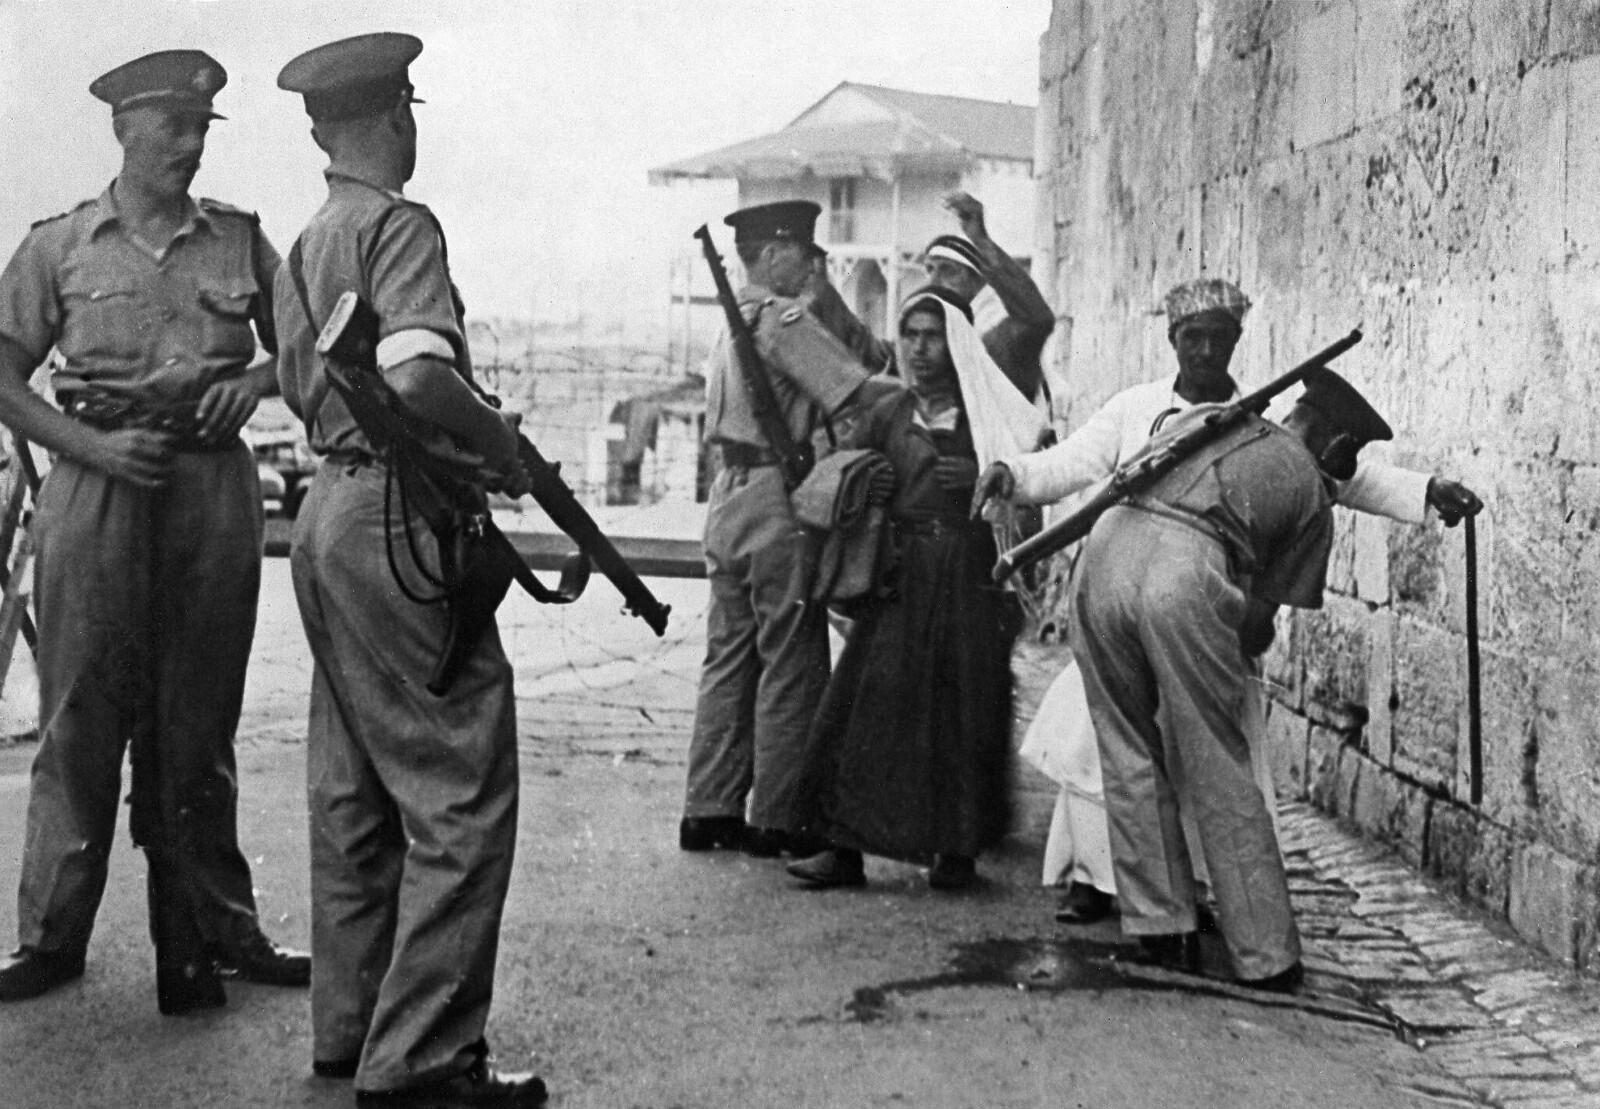 06. 1938. Британские военные обыскивают арабов в поисках оружия у въезда в старый город Иерусалима (Яффские ворота), 23 ноября